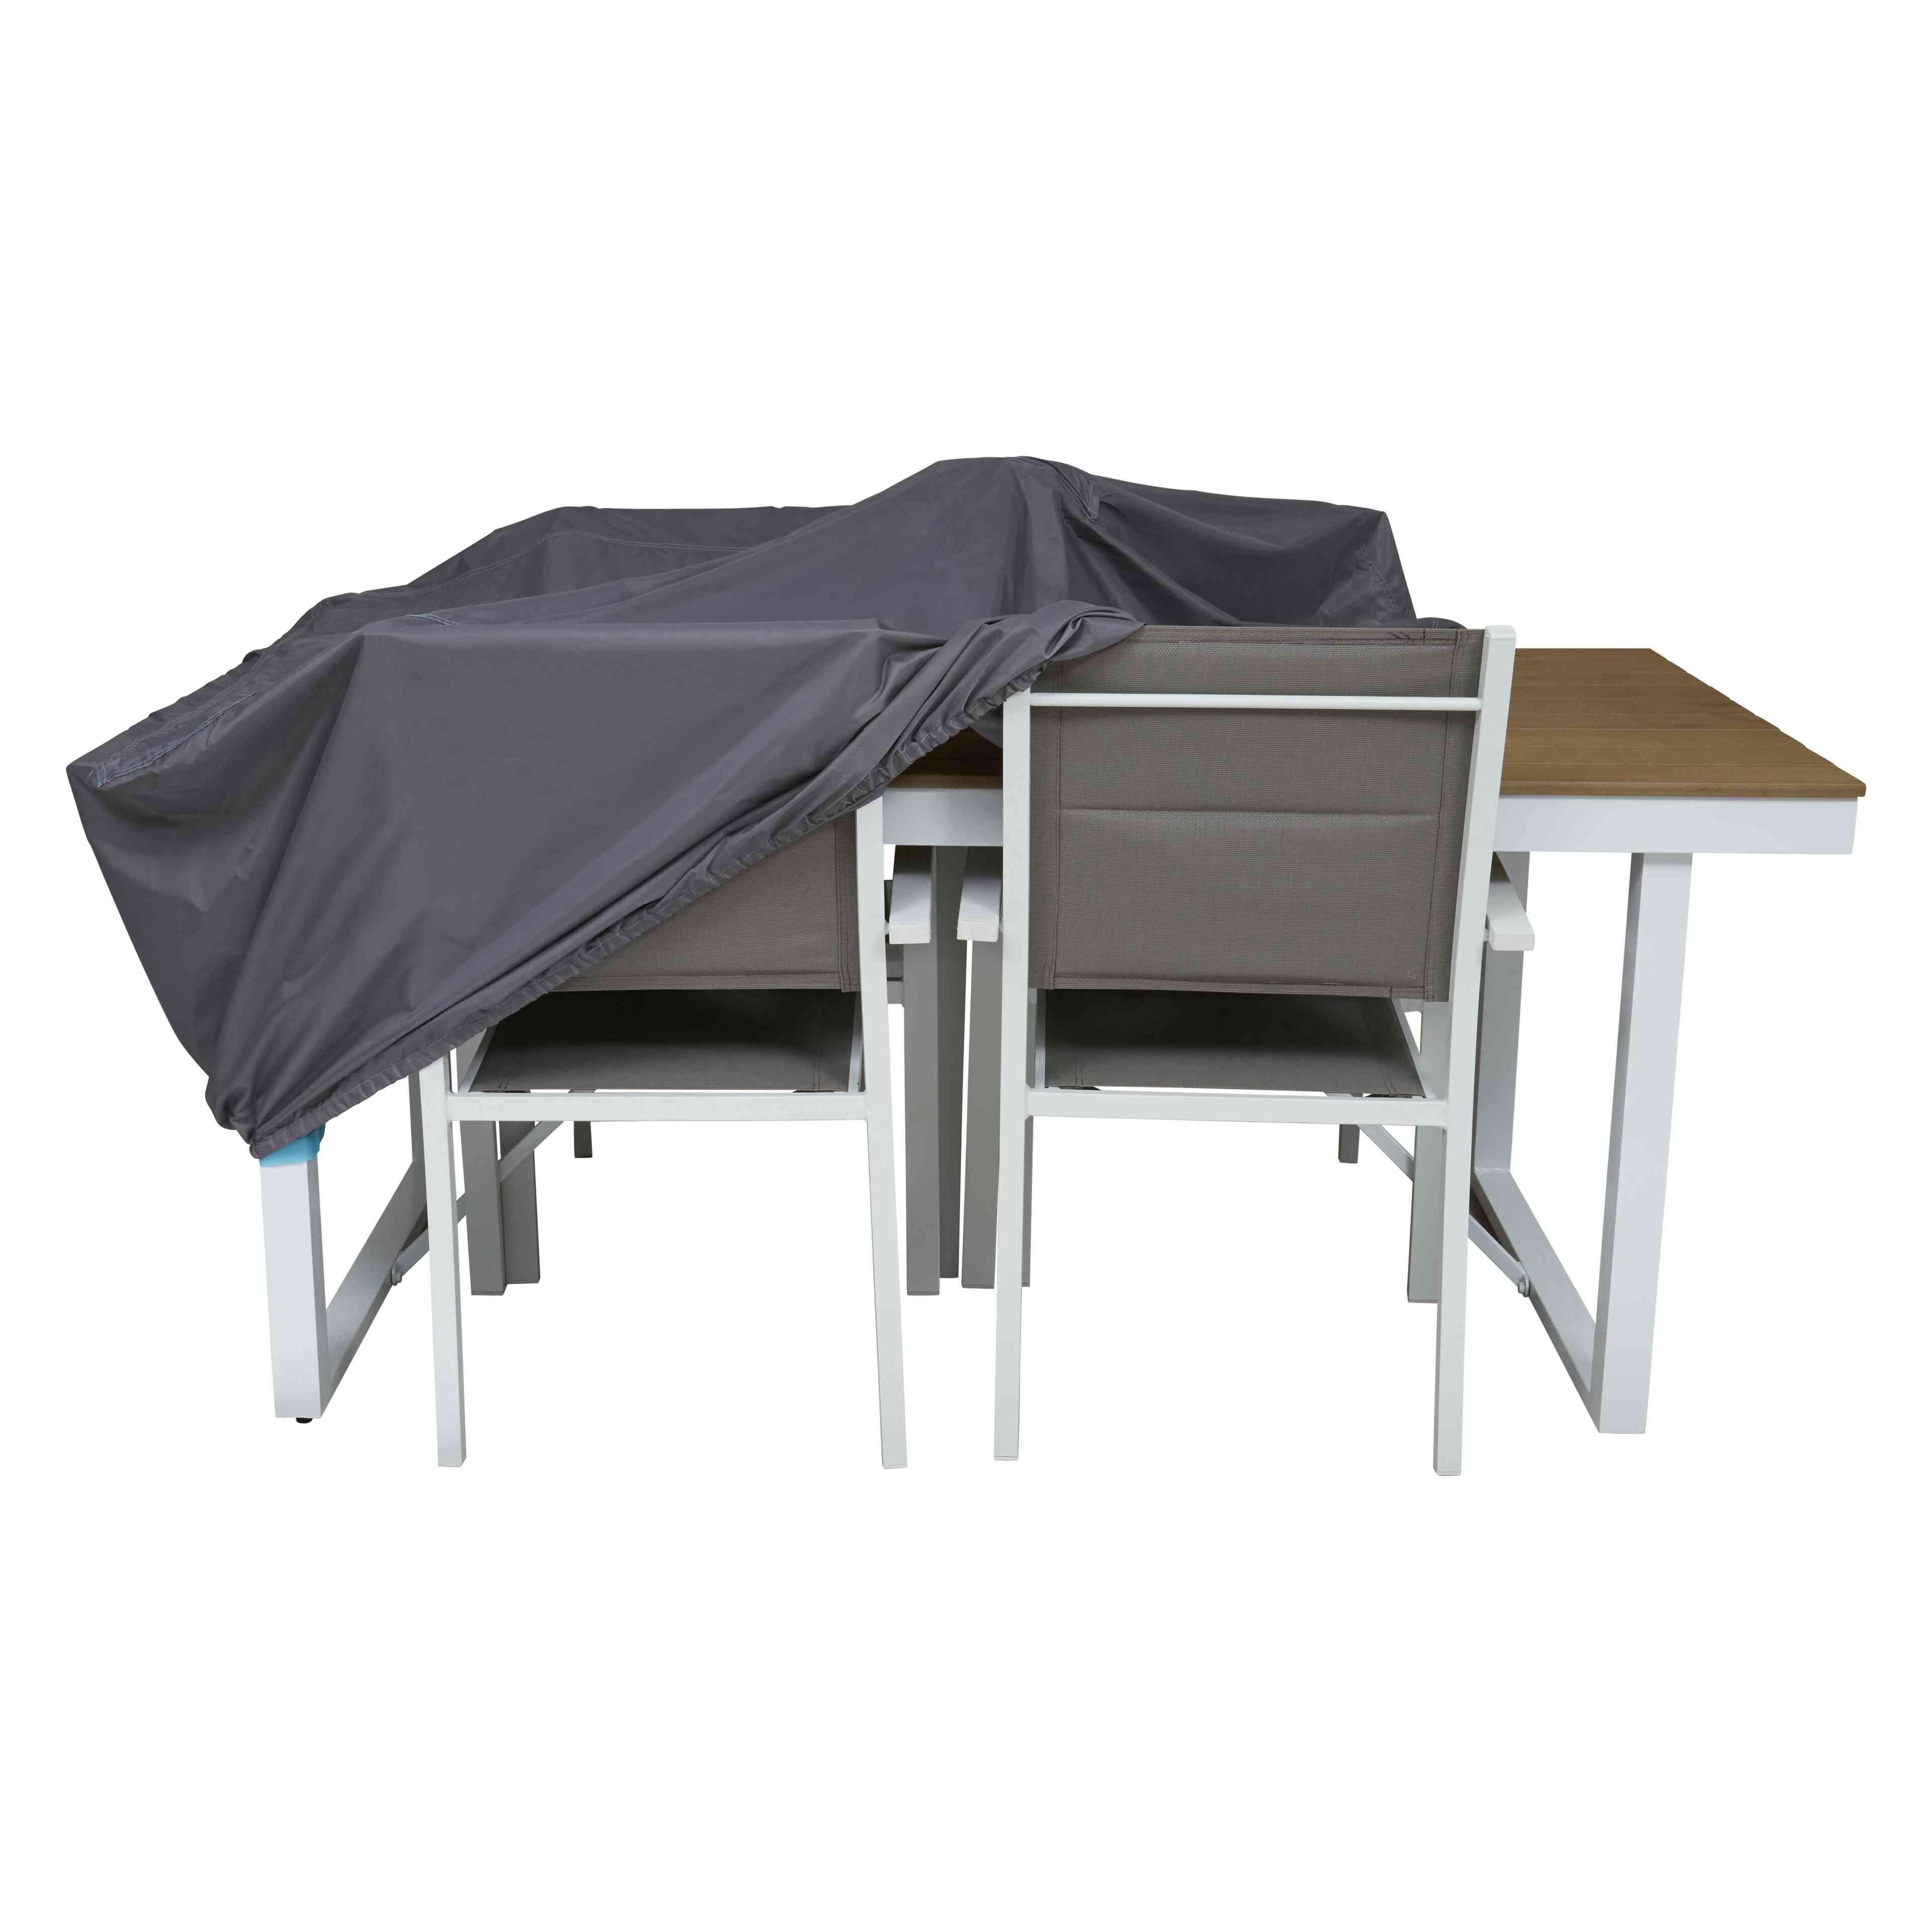 180 protection de cmCOV'UP Housse de jardin 110 table x kZiuOPXT